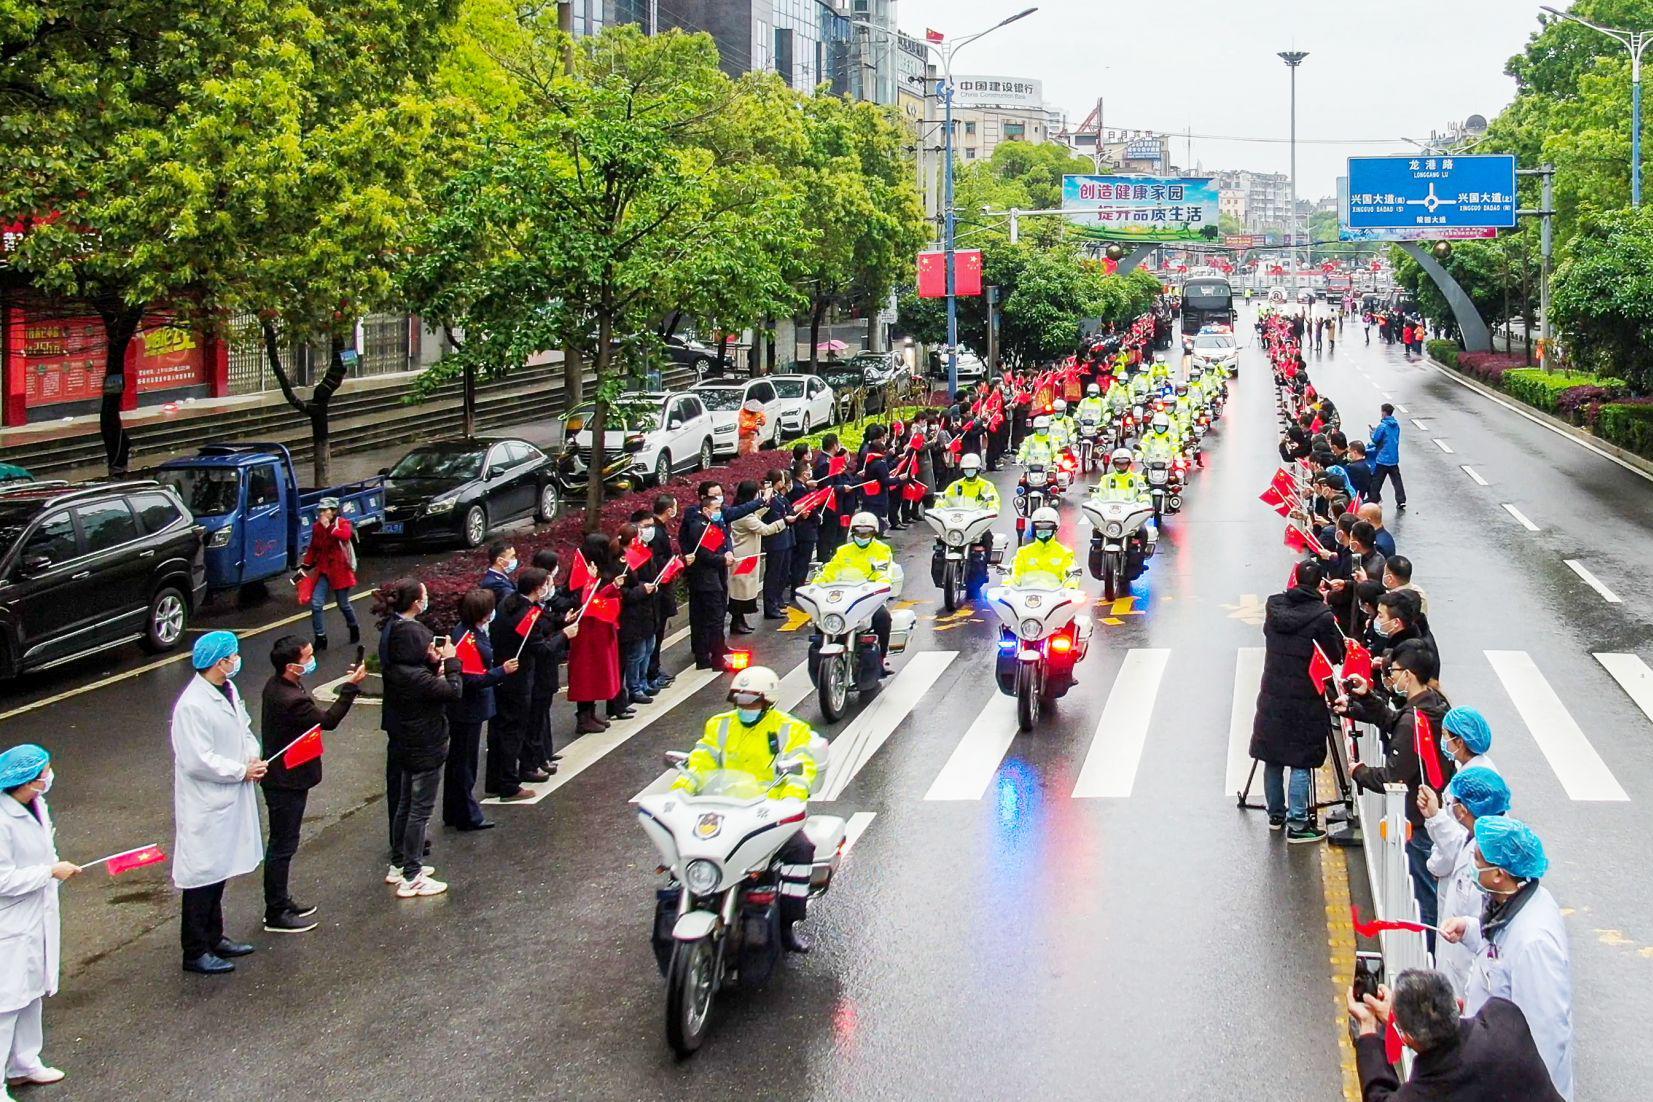 恩情永难忘 | 今天江苏省第二批援阳医疗队16名队员返程回家